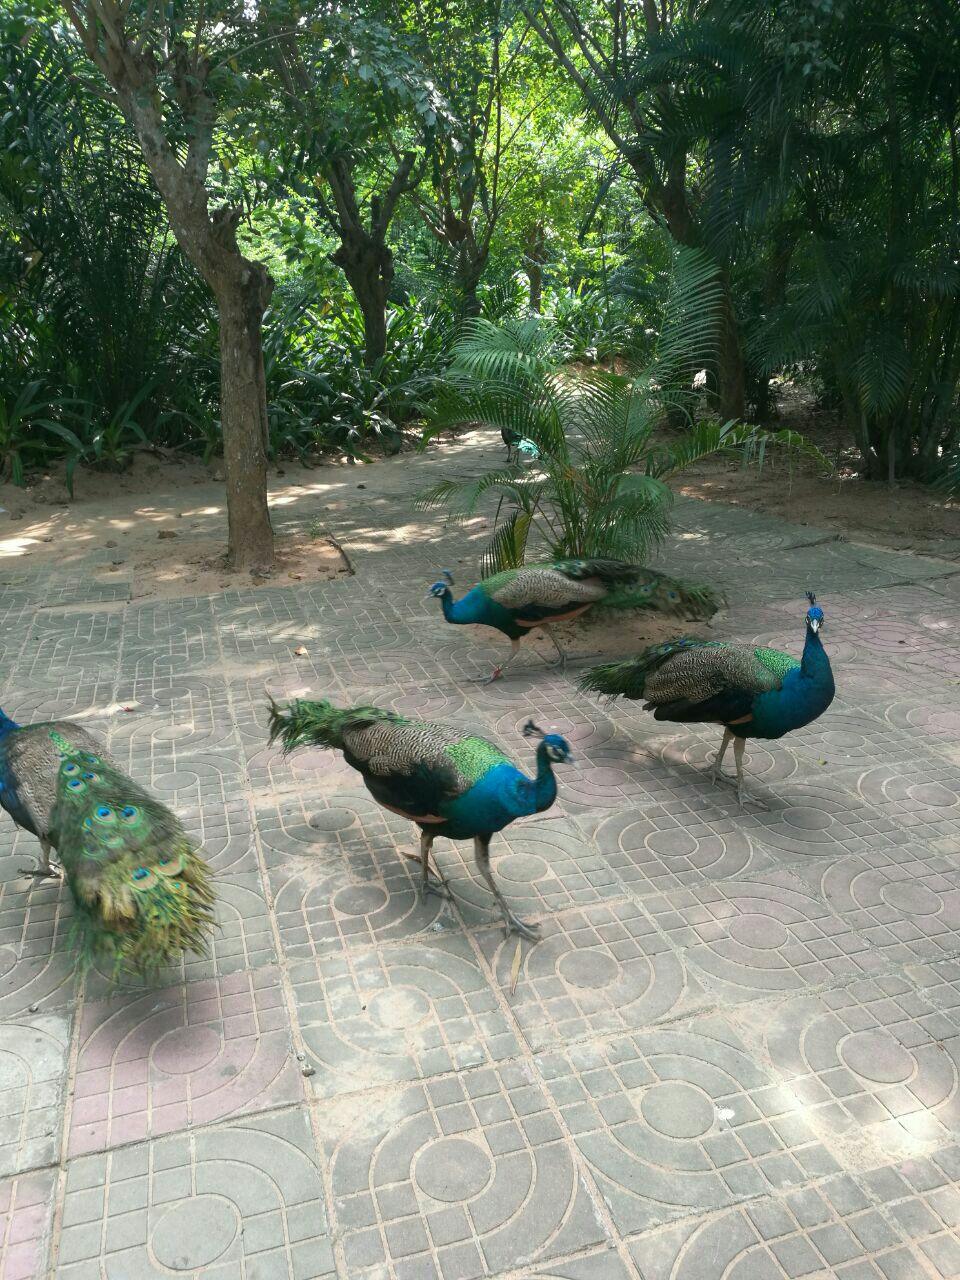 海南热带飞禽世界旅游景点攻略图